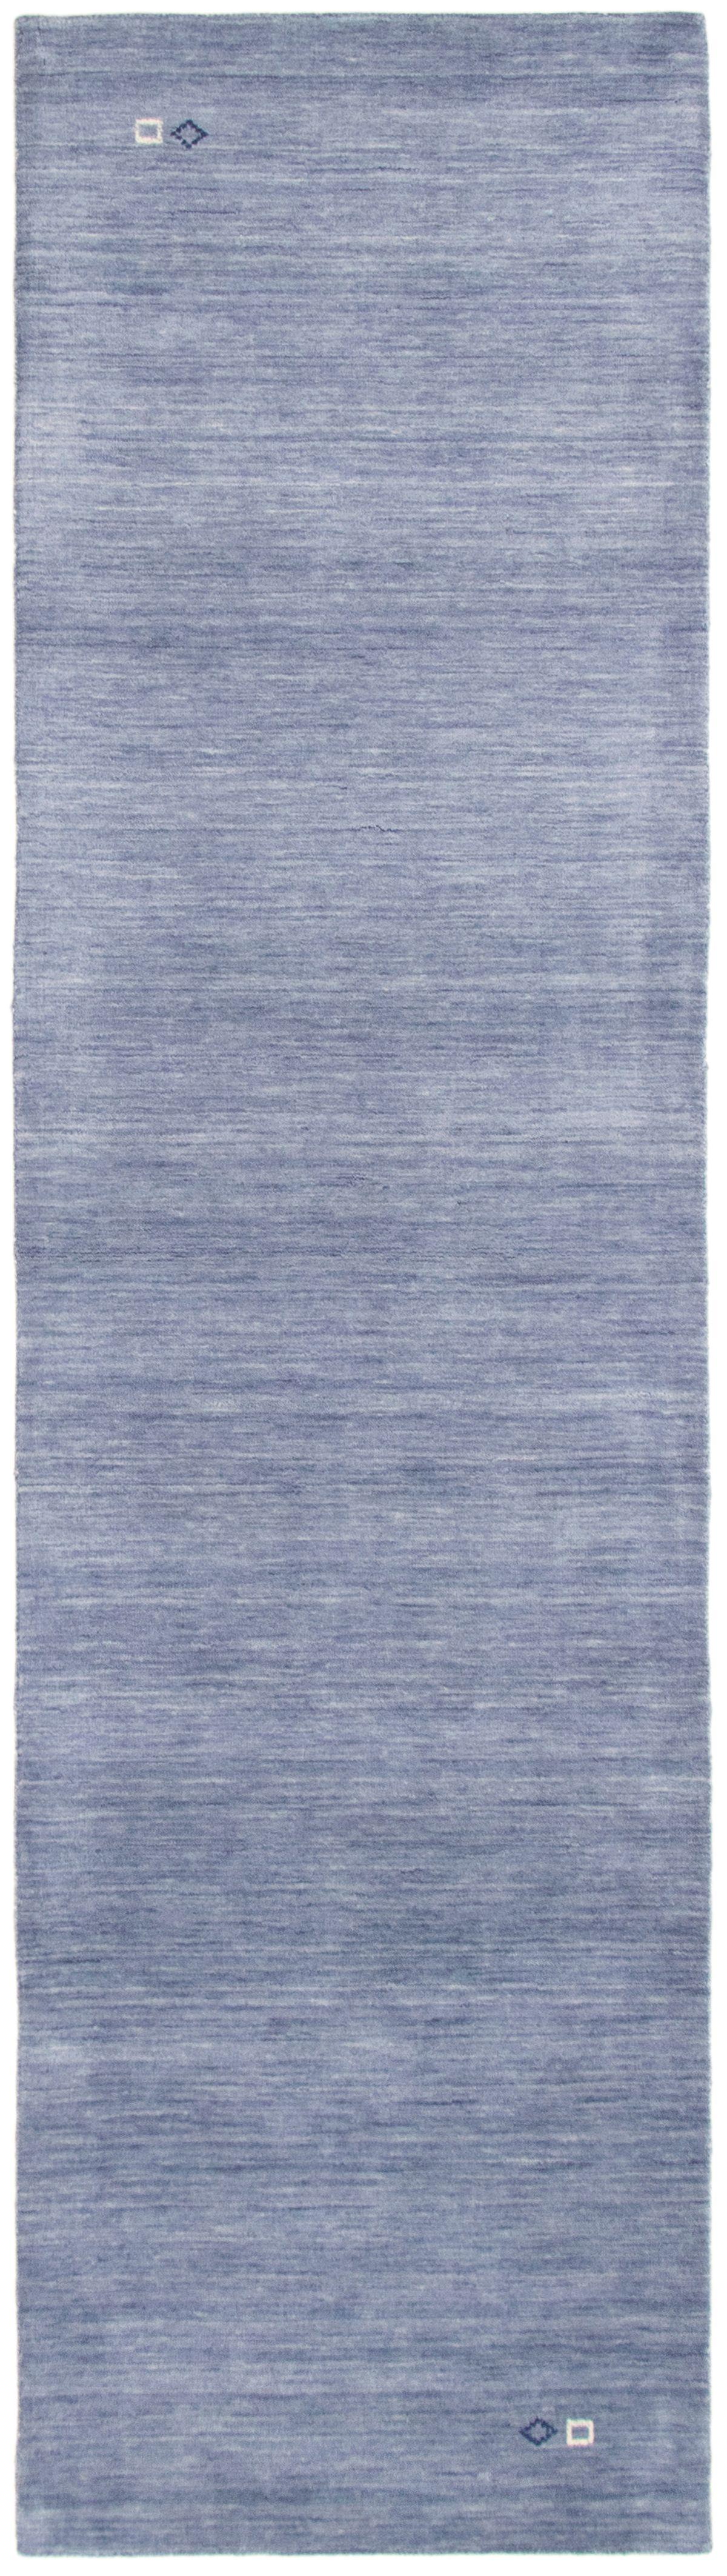 """Hand-knotted Kashkuli Gabbeh Slate Blue Wool Rug 2'8"""" x 9'10"""" Size: 2'8"""" x 9'10"""""""